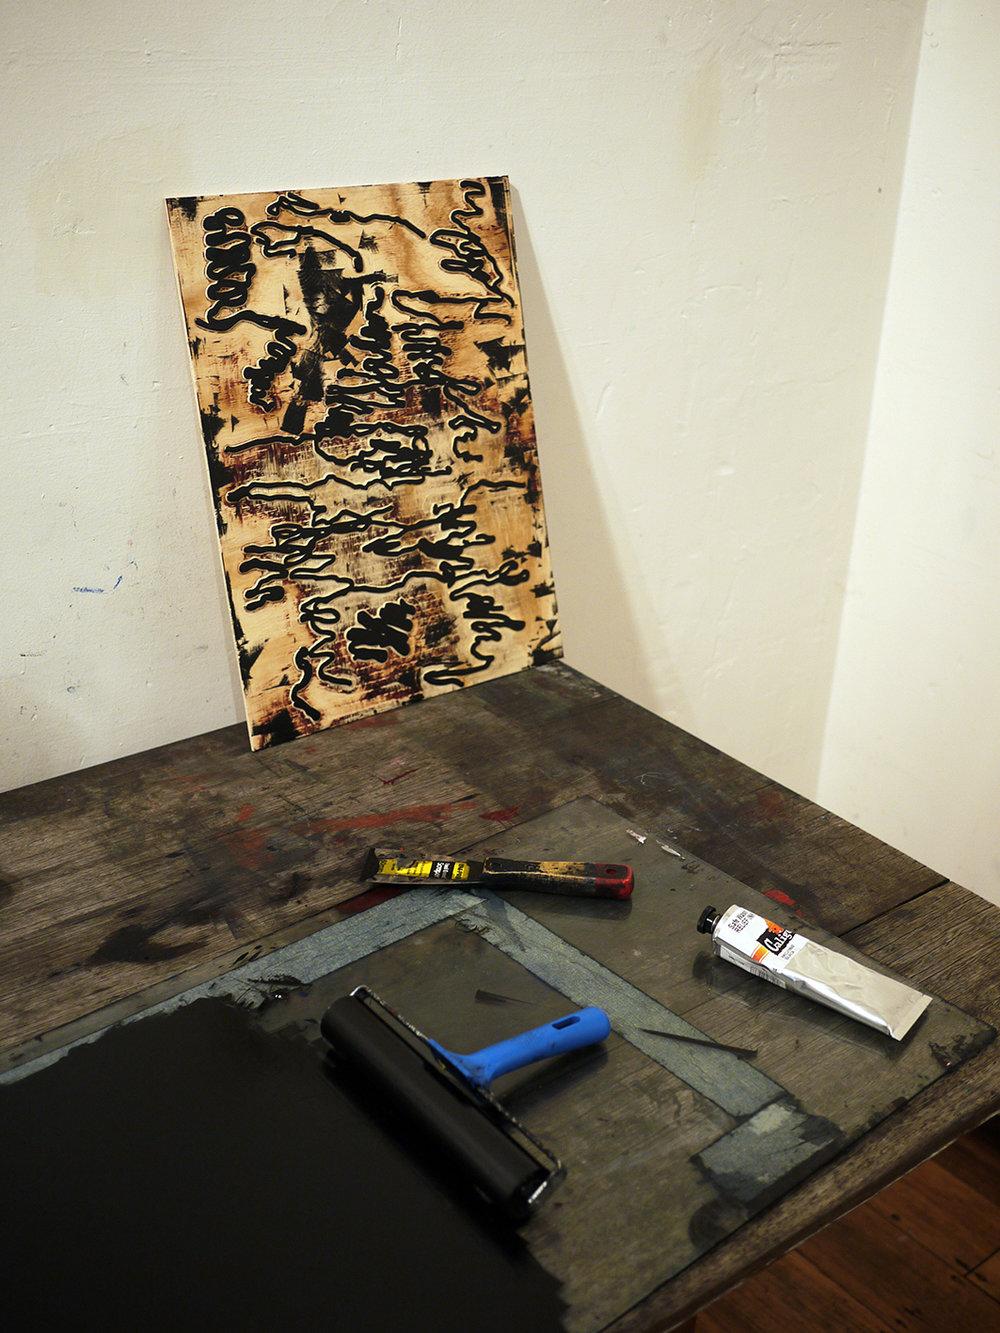 Ben Foster Australian artist studio visit - The Corner Store Gallery